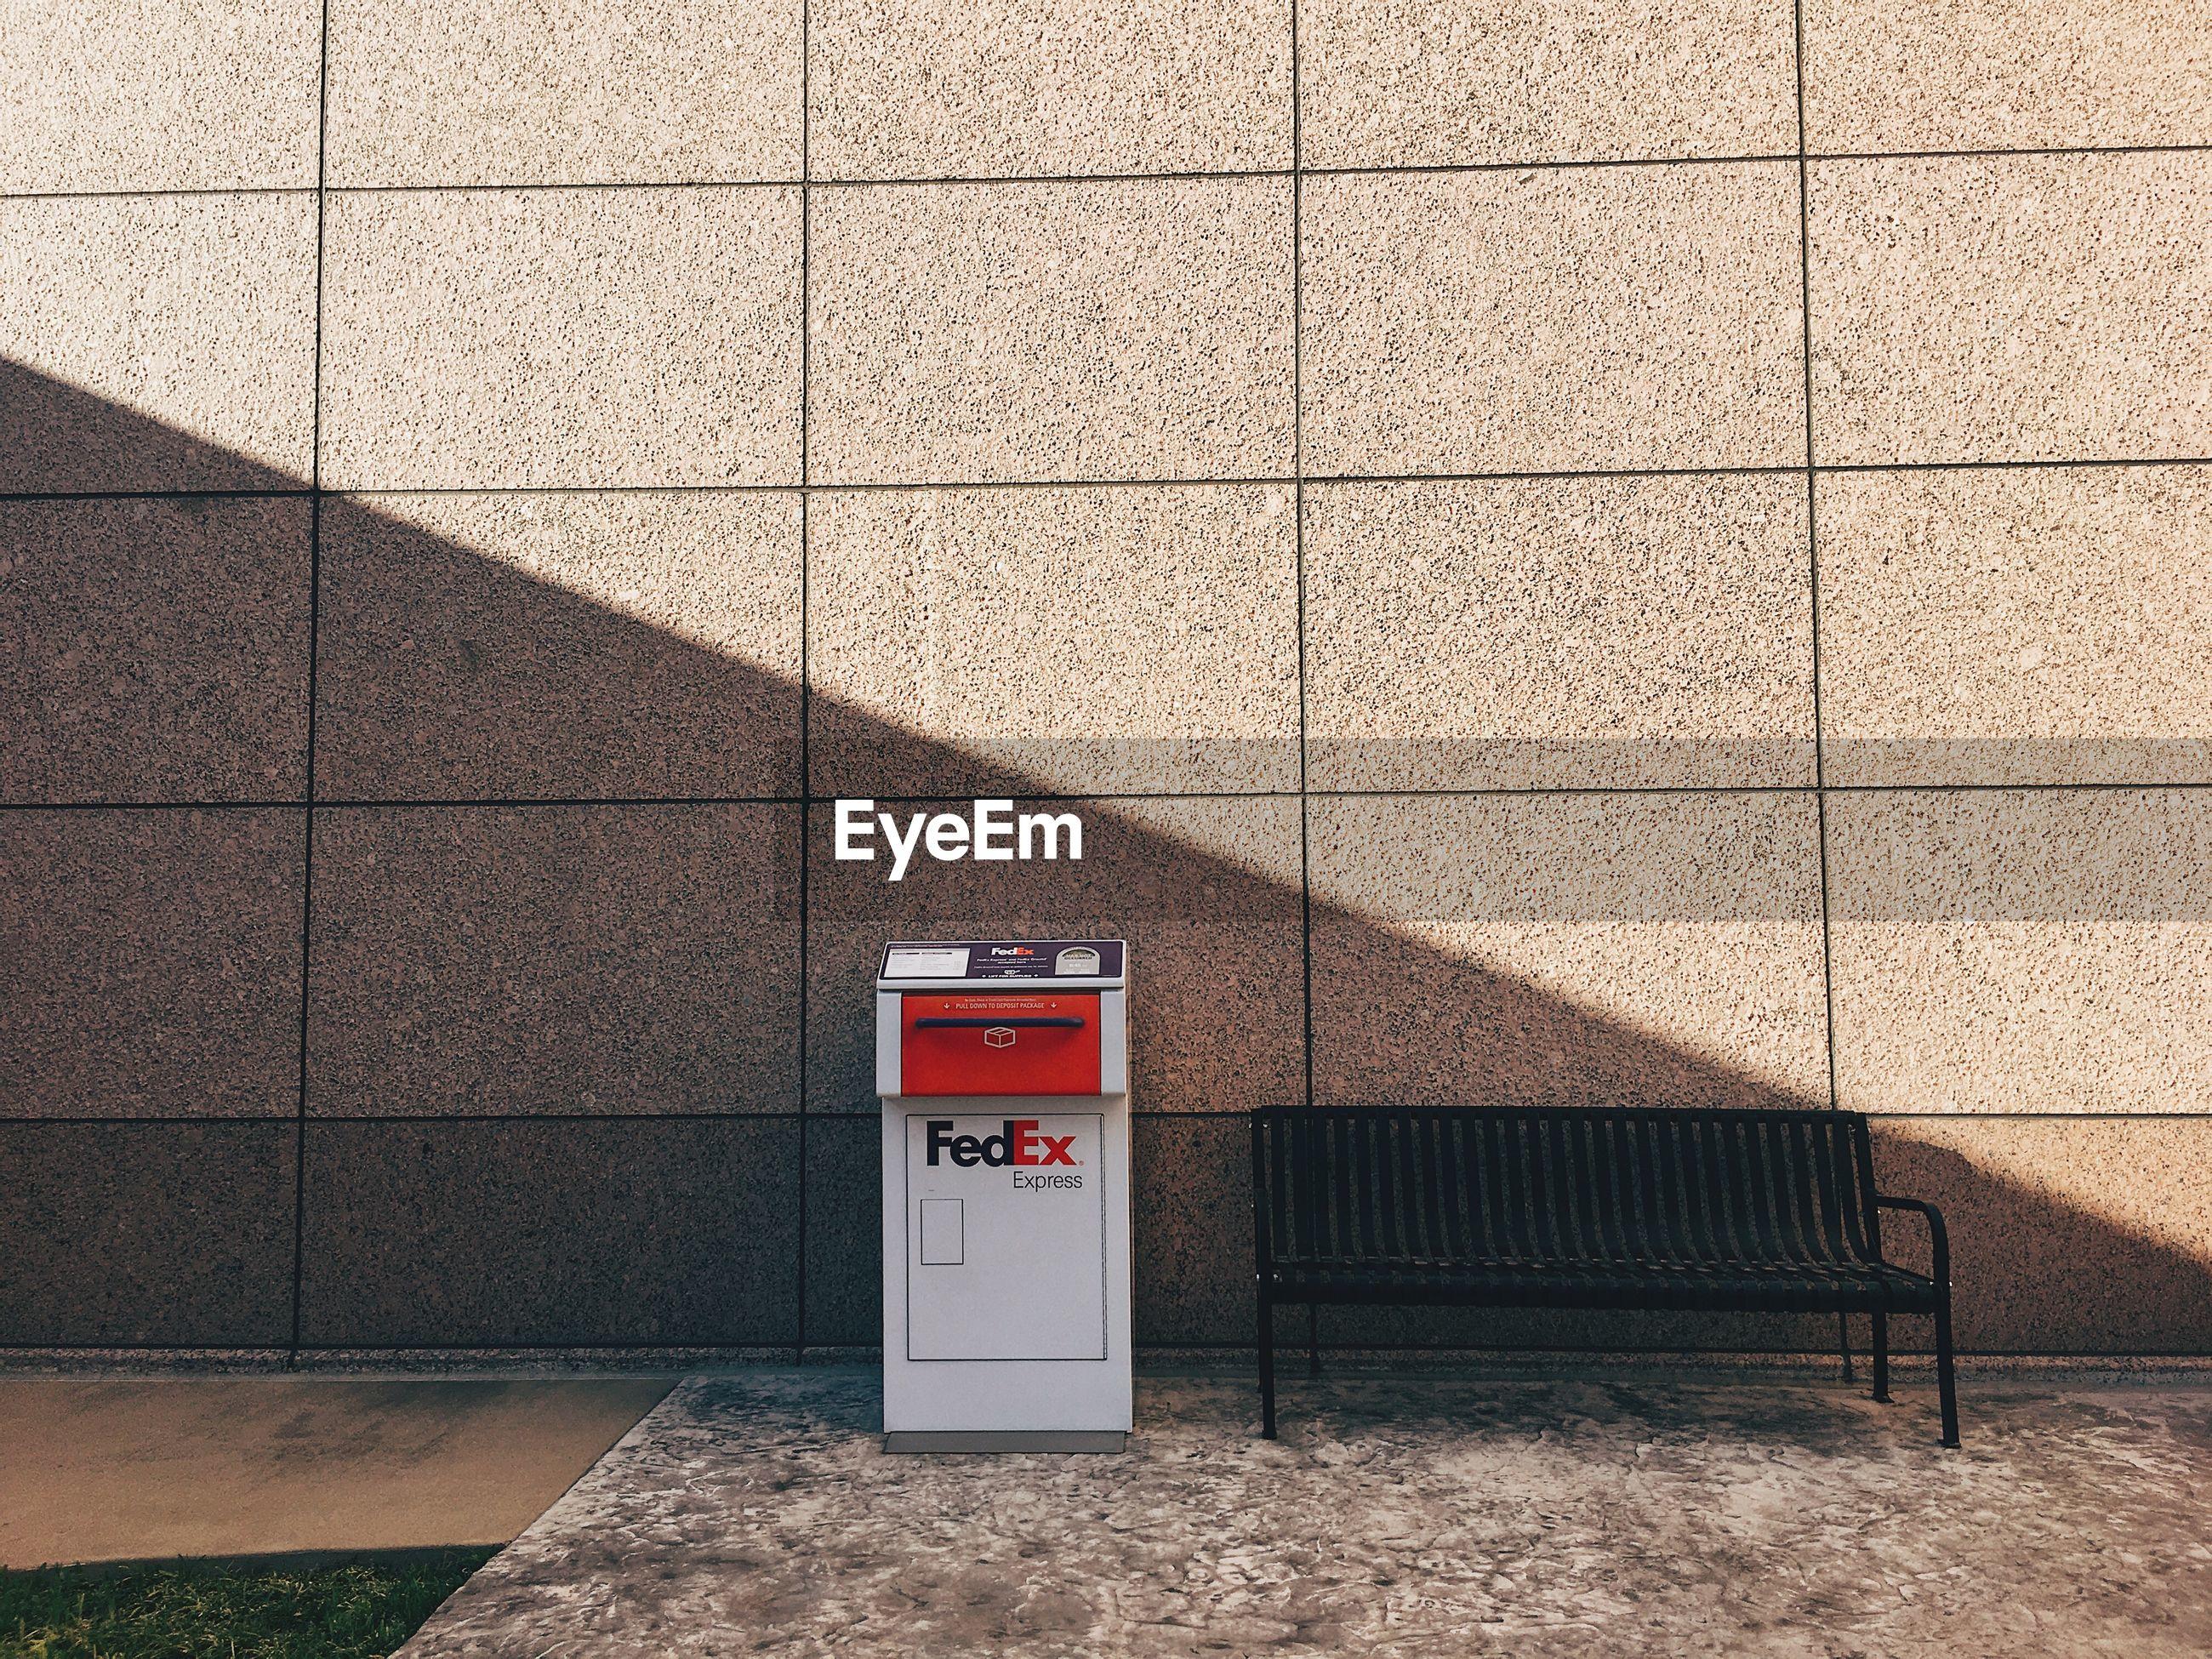 ARROW SIGN ON WALL